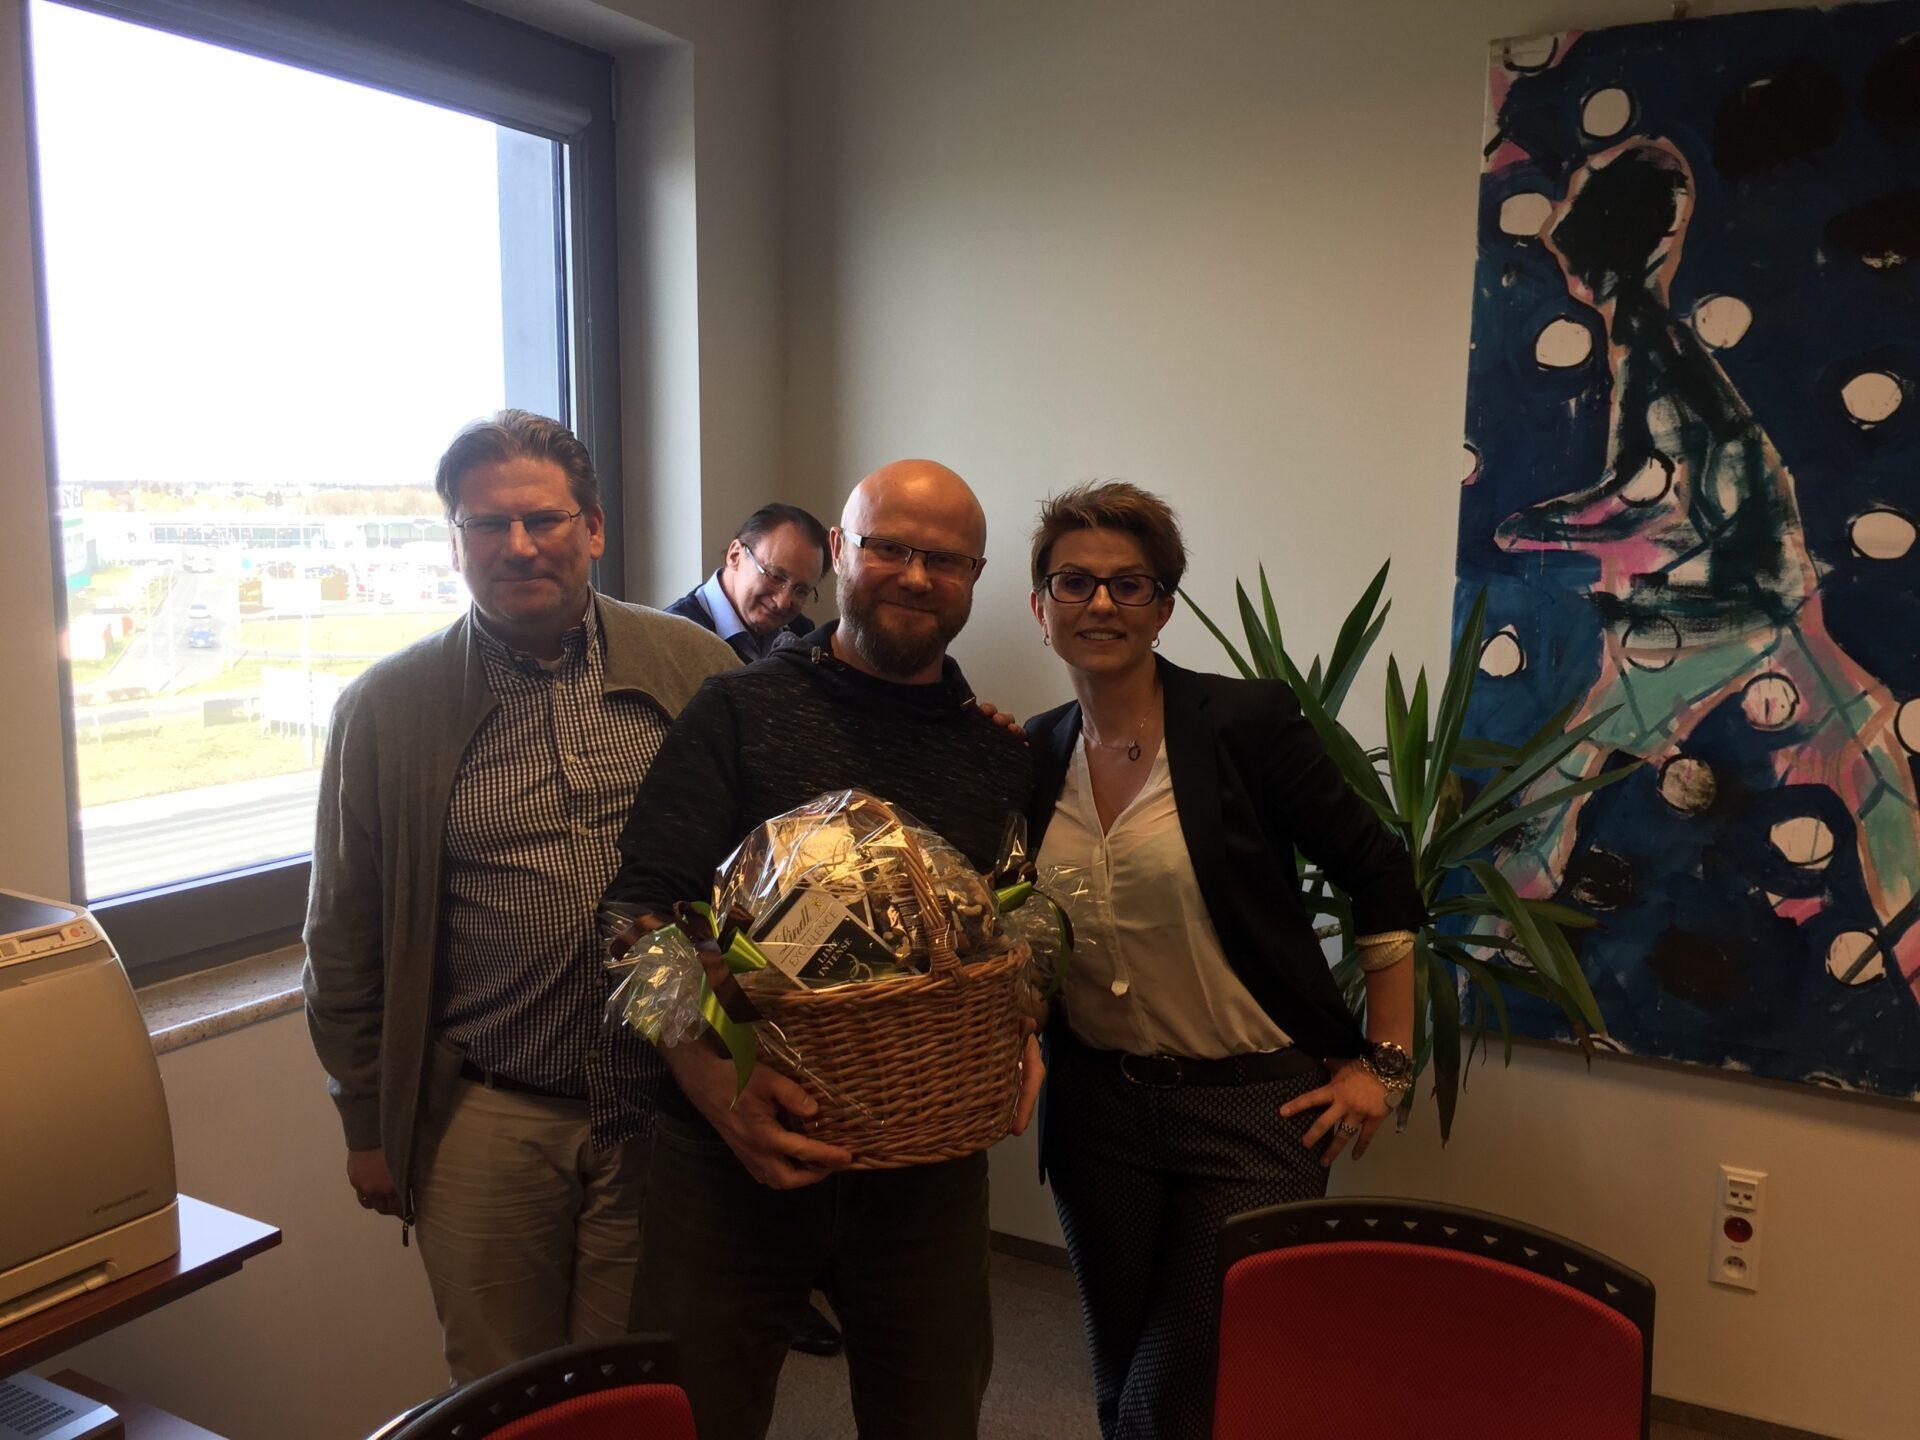 Rafał celebrates 5 years at getsix®